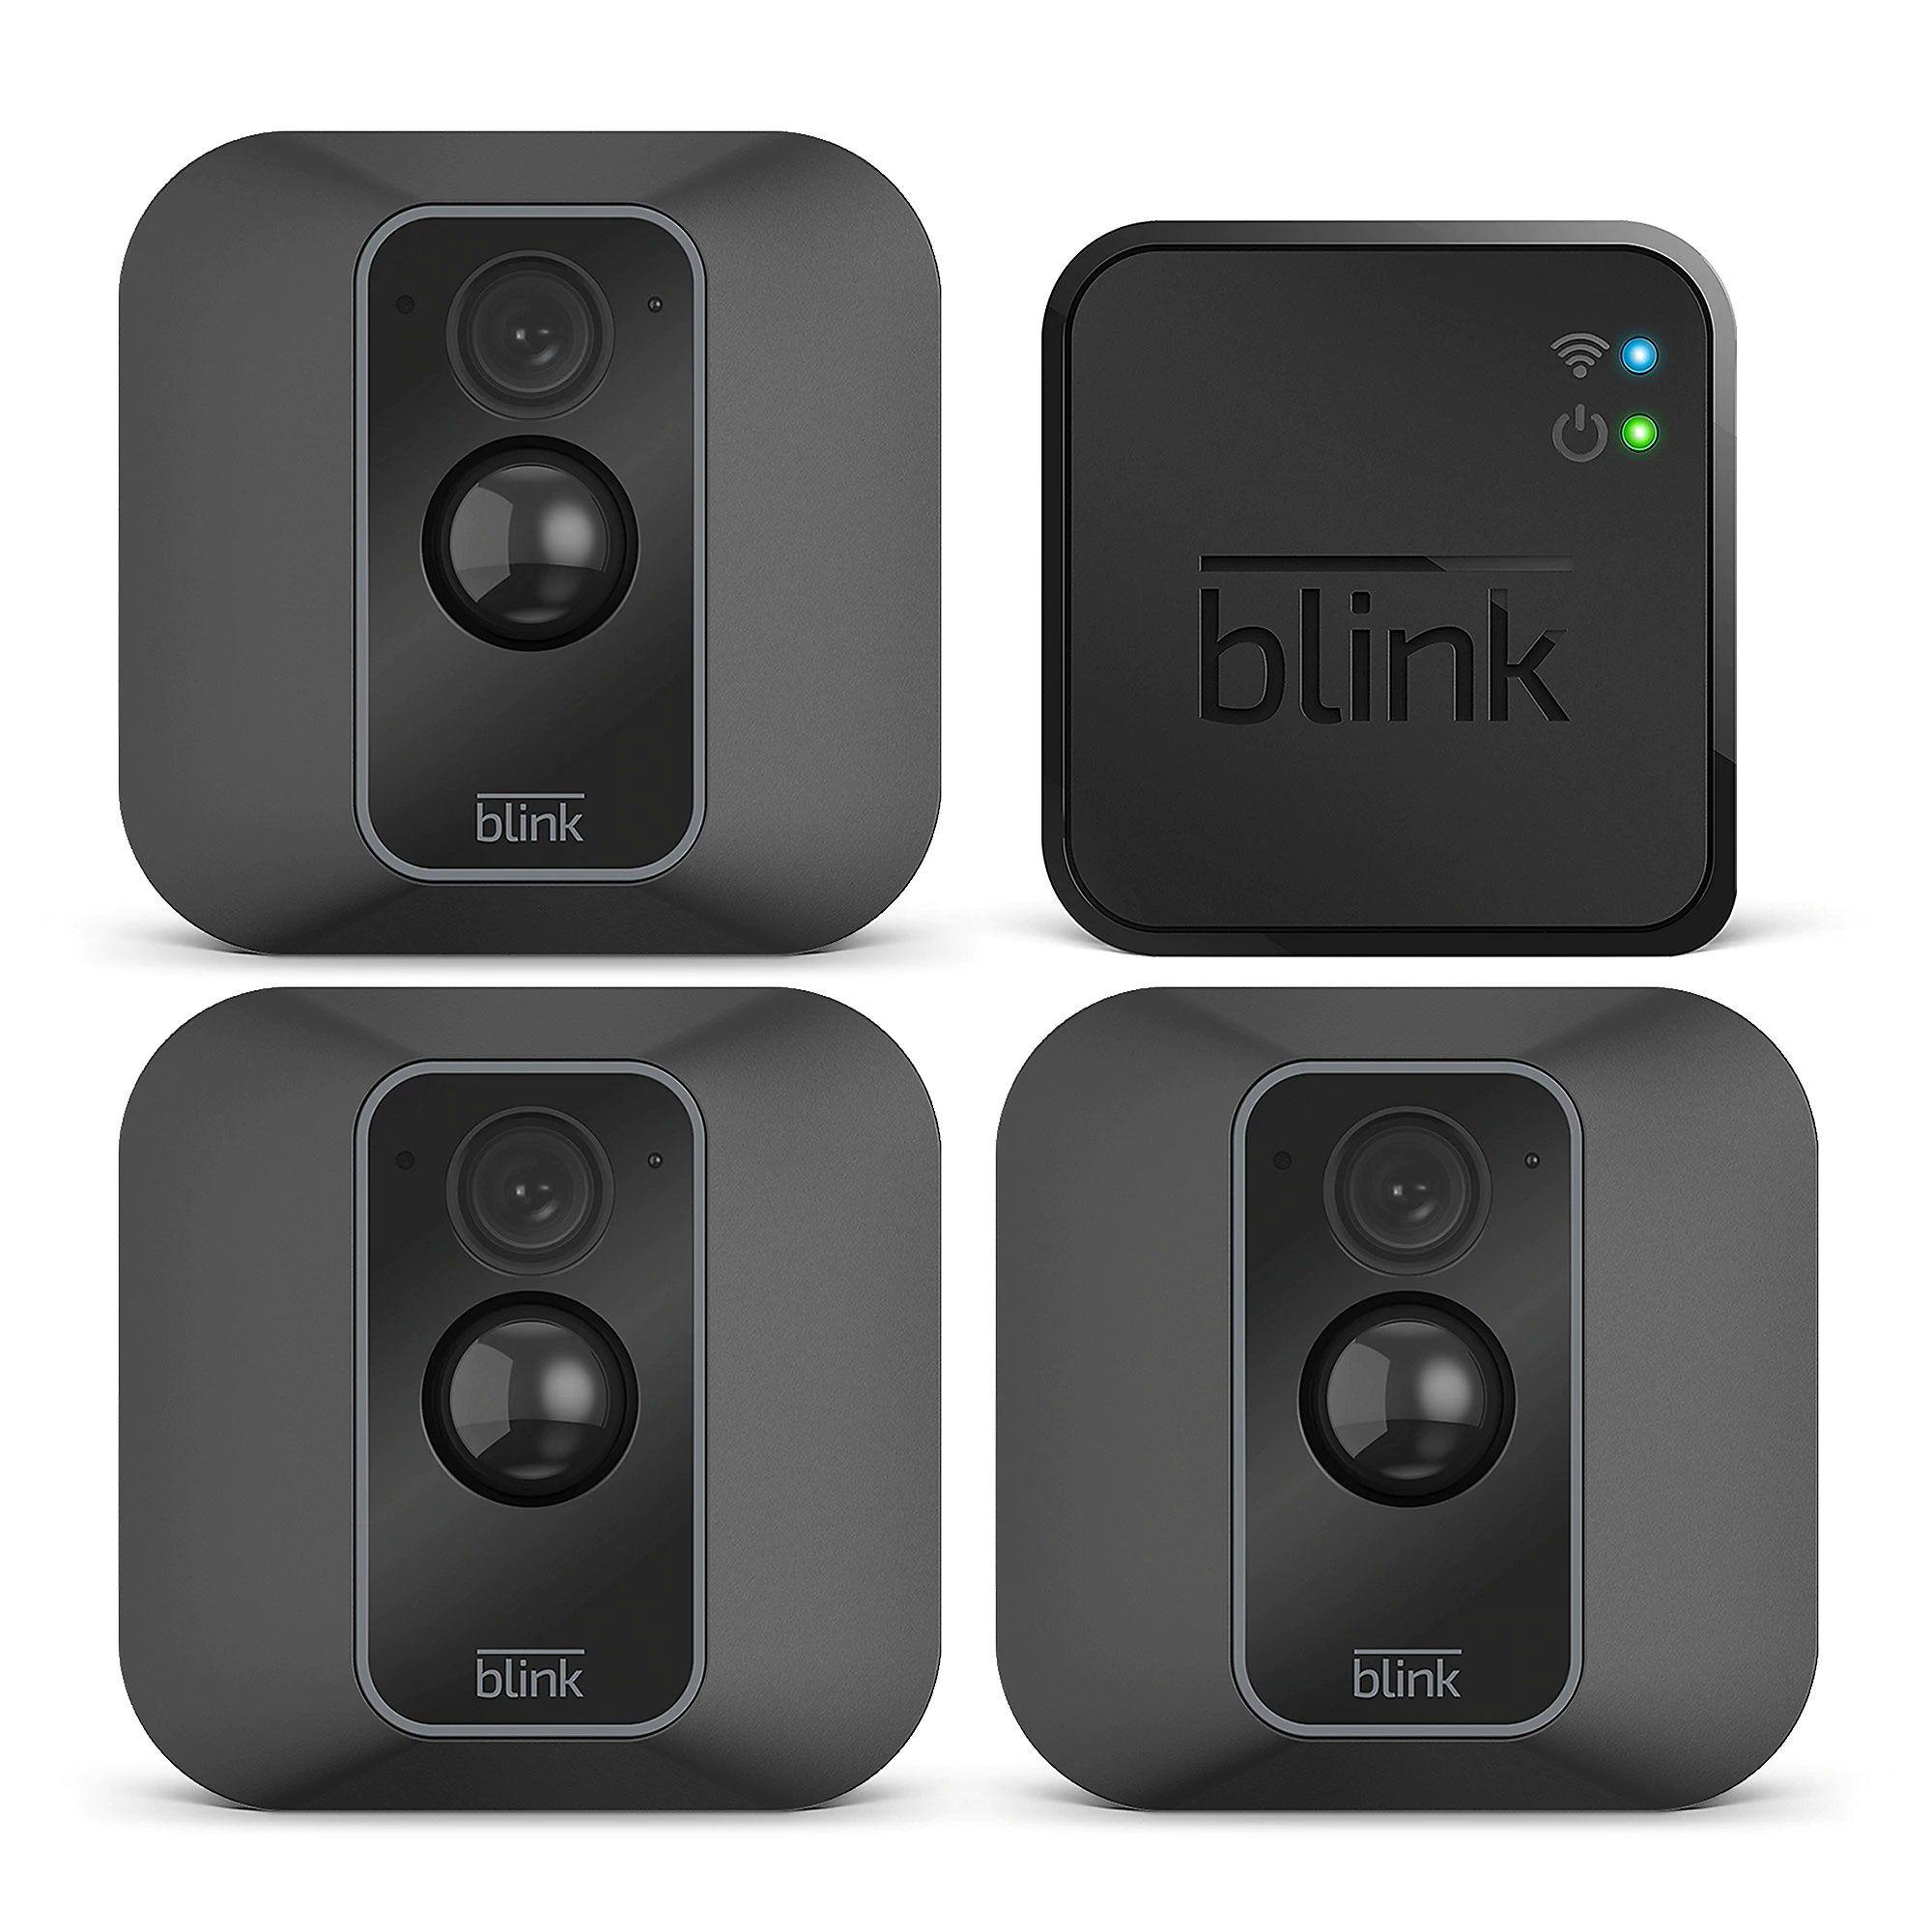 Amazon-Produkte bei QVC: z.B. 3x Blink XT2 Outdoor-Kamera - 184,59€ | Echo Show 8 + Tapo P100 - 83,92€ | Echo Plus + Tapo P100 - 95,16€